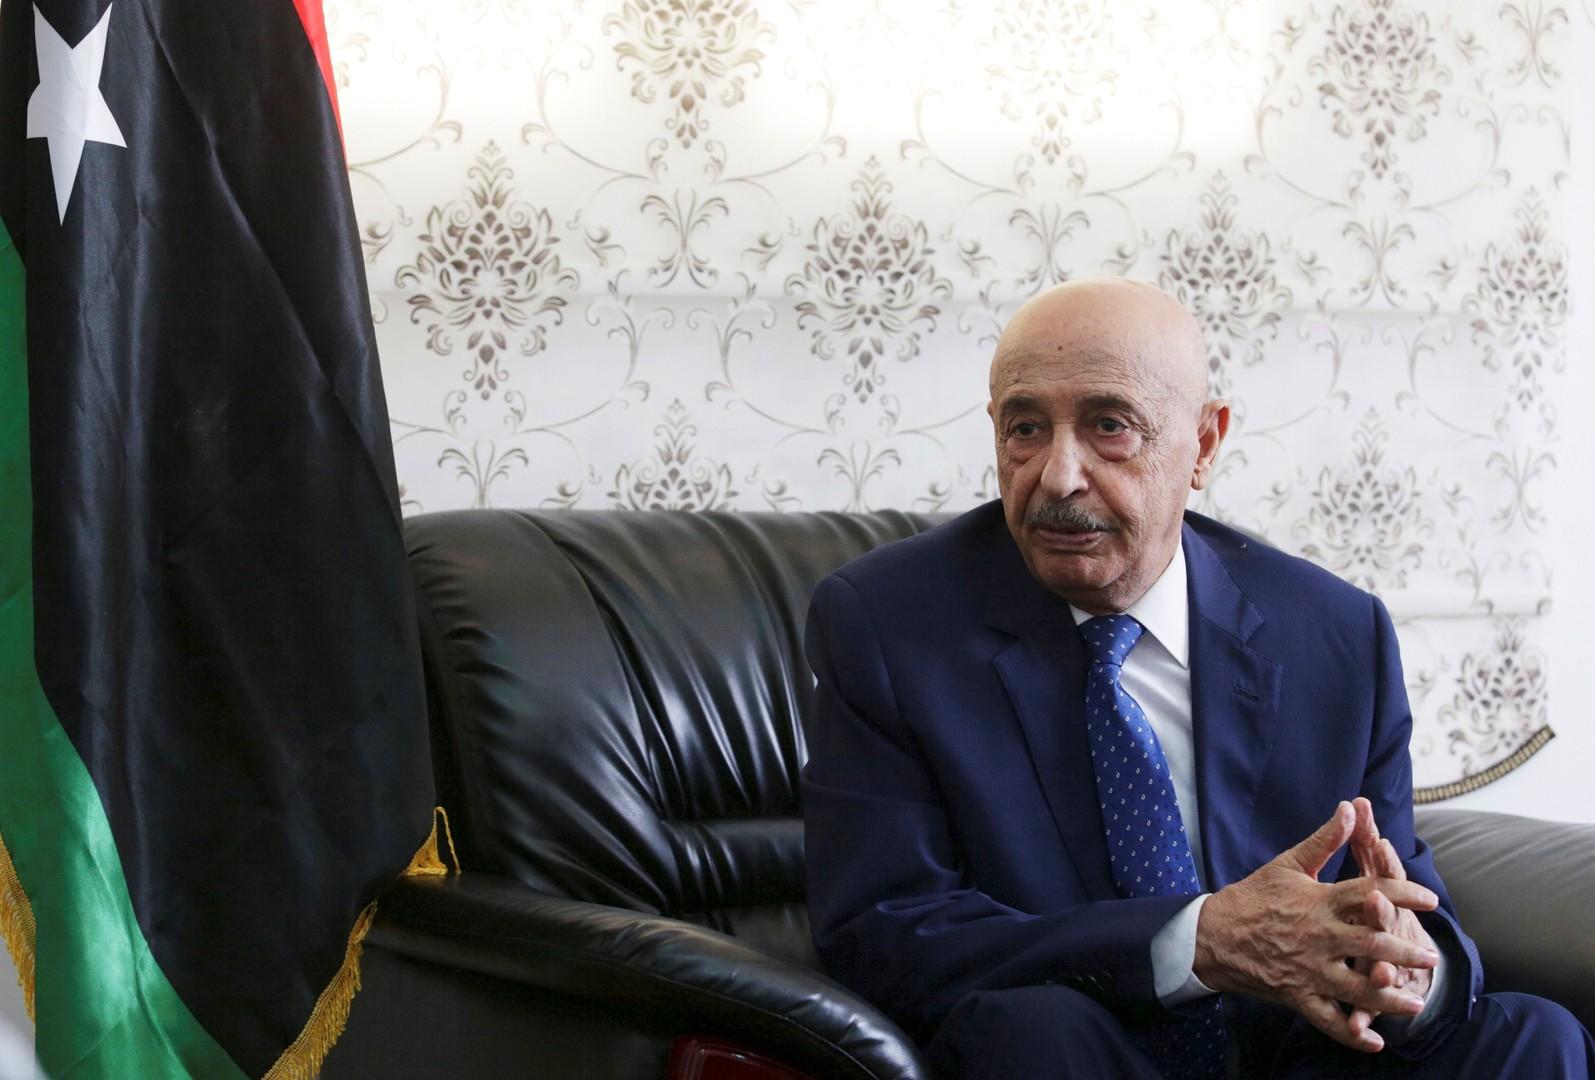 عقيلة صالح رئيس مجلس النواب الليبي